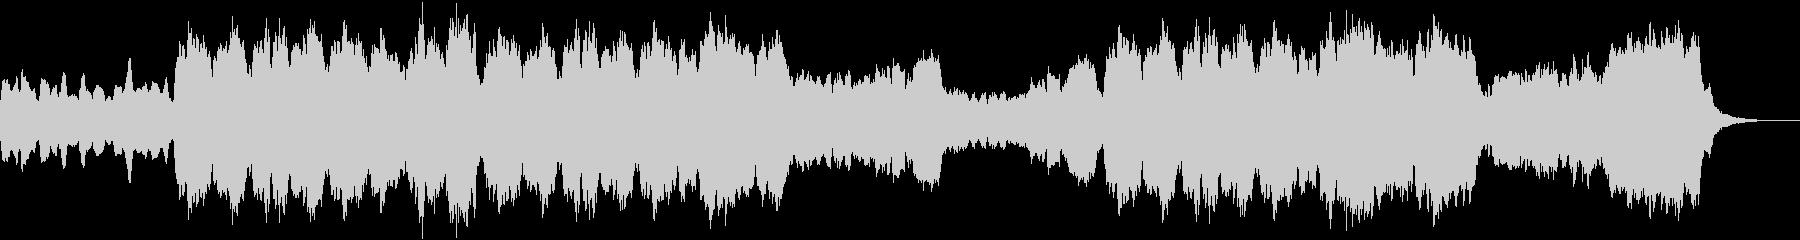 ワーグナー/結婚行進曲/パイプオルガンの未再生の波形